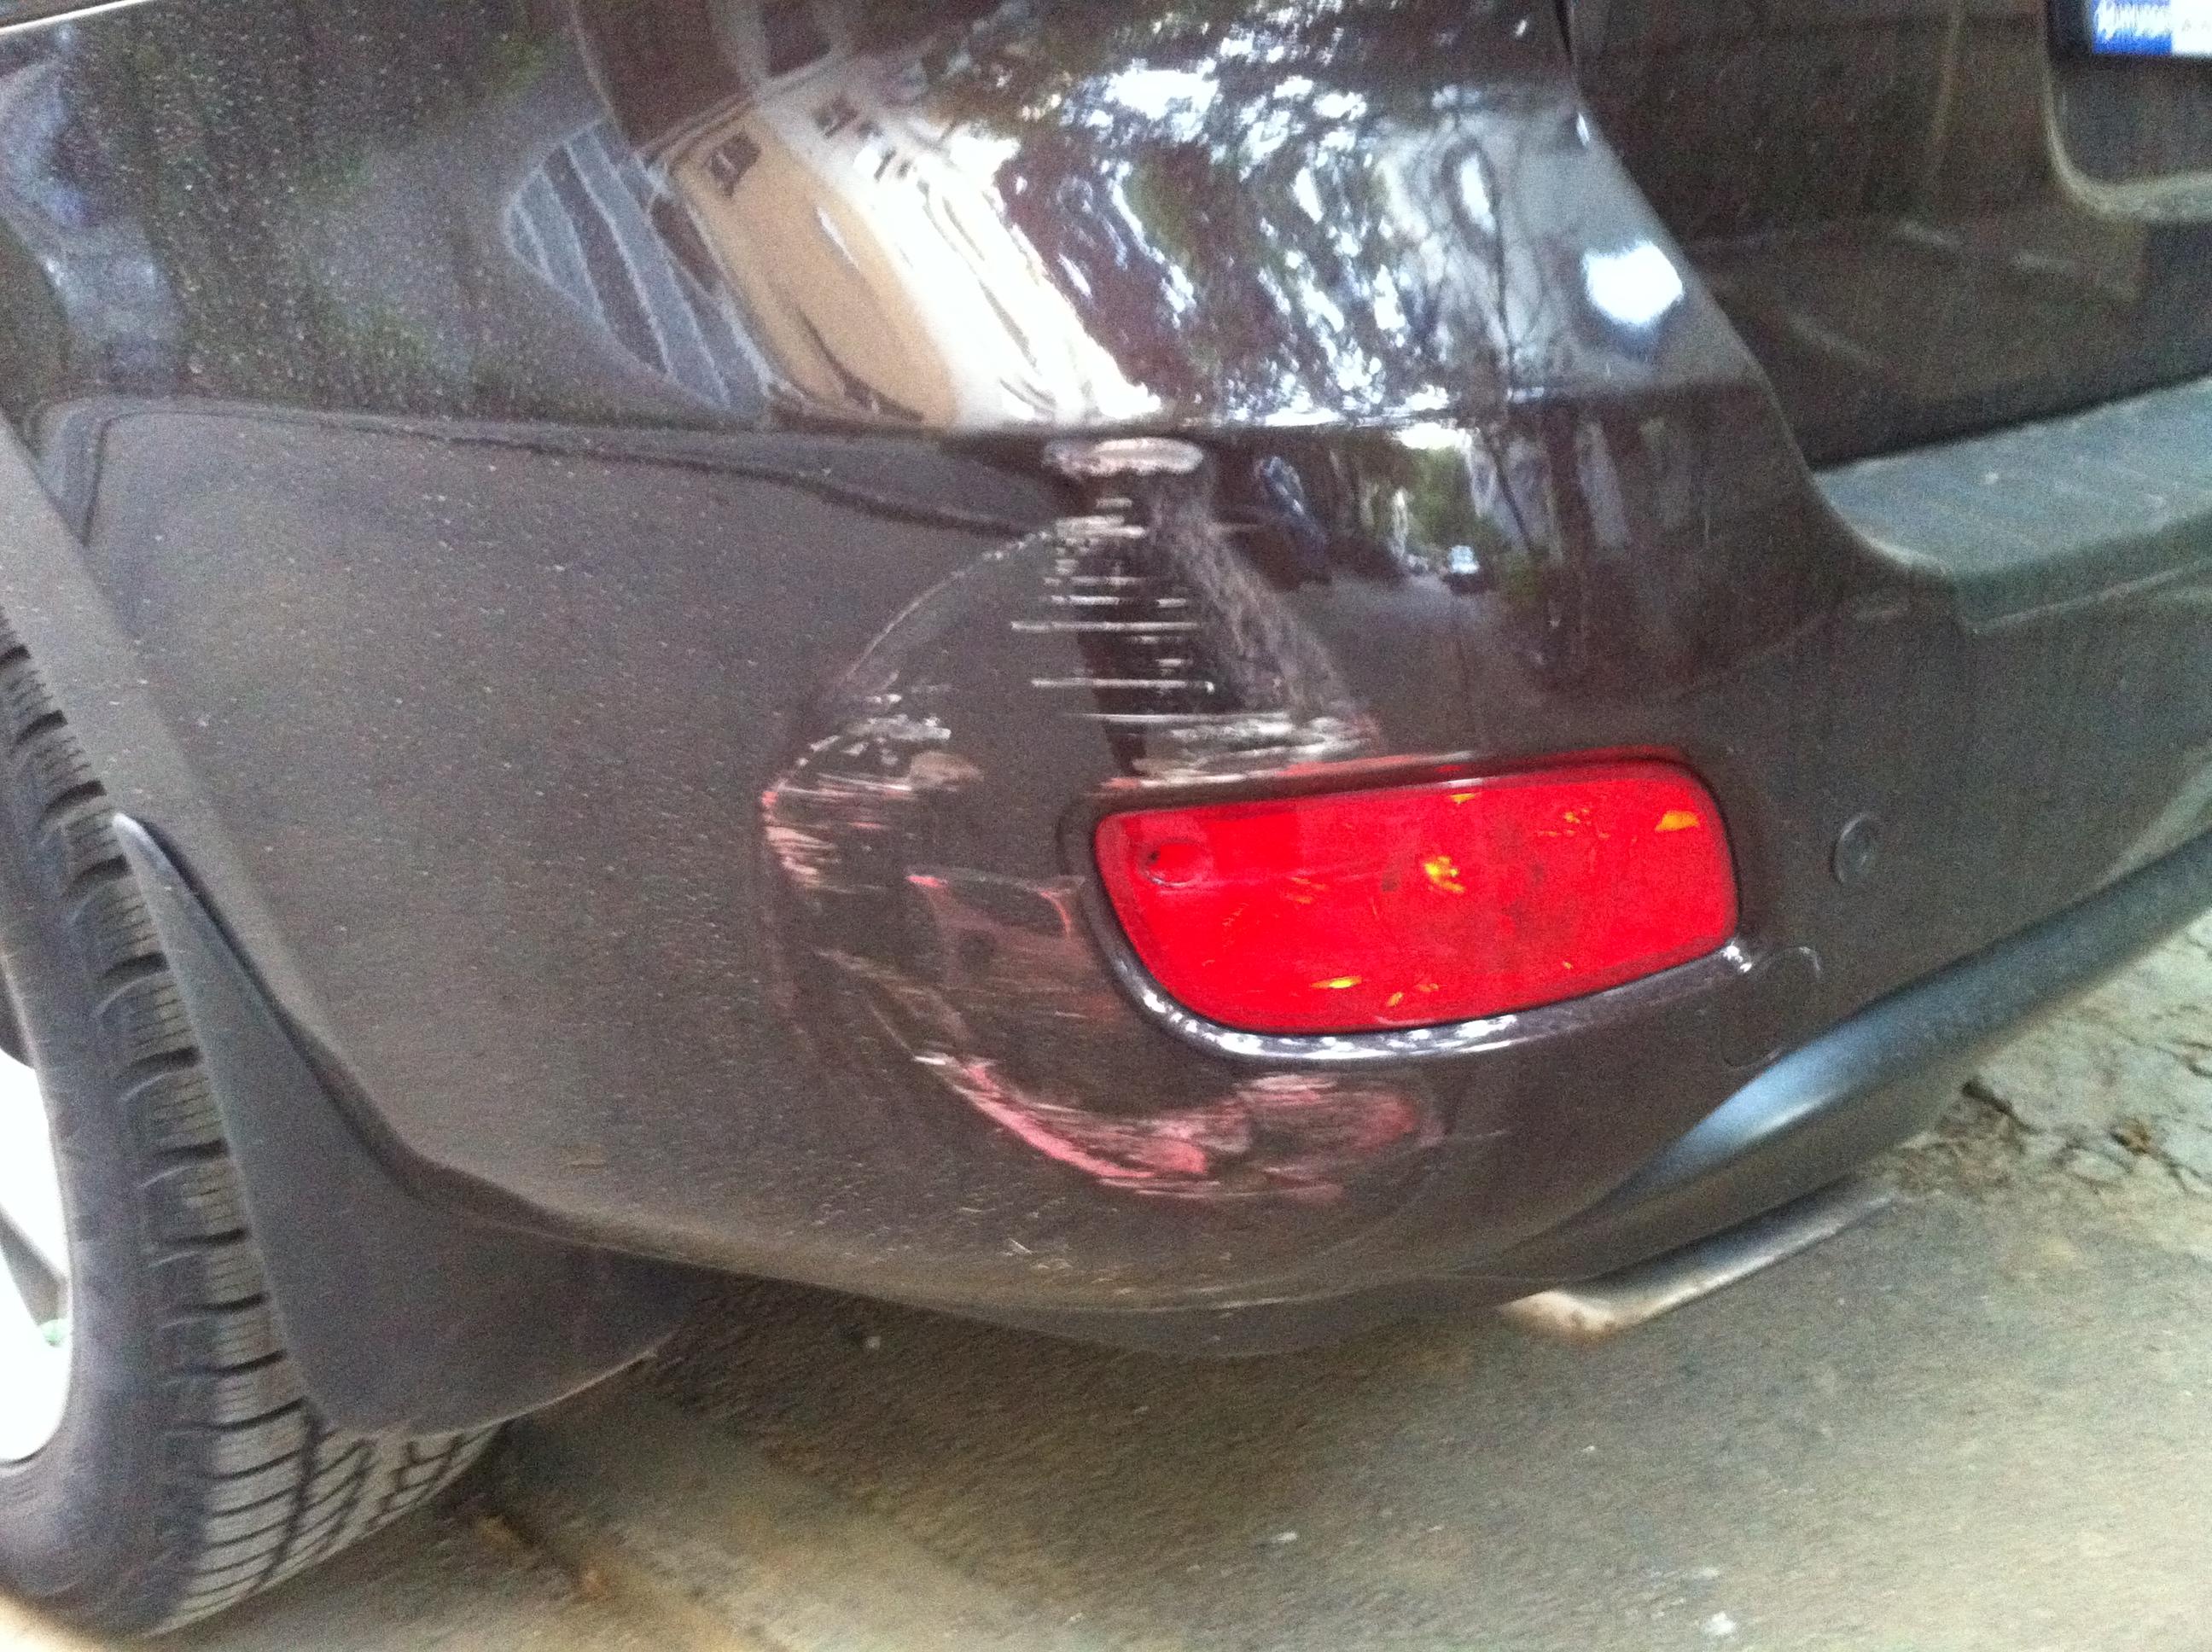 Ce faci dacă îți găsești mașina lovită în parcare?